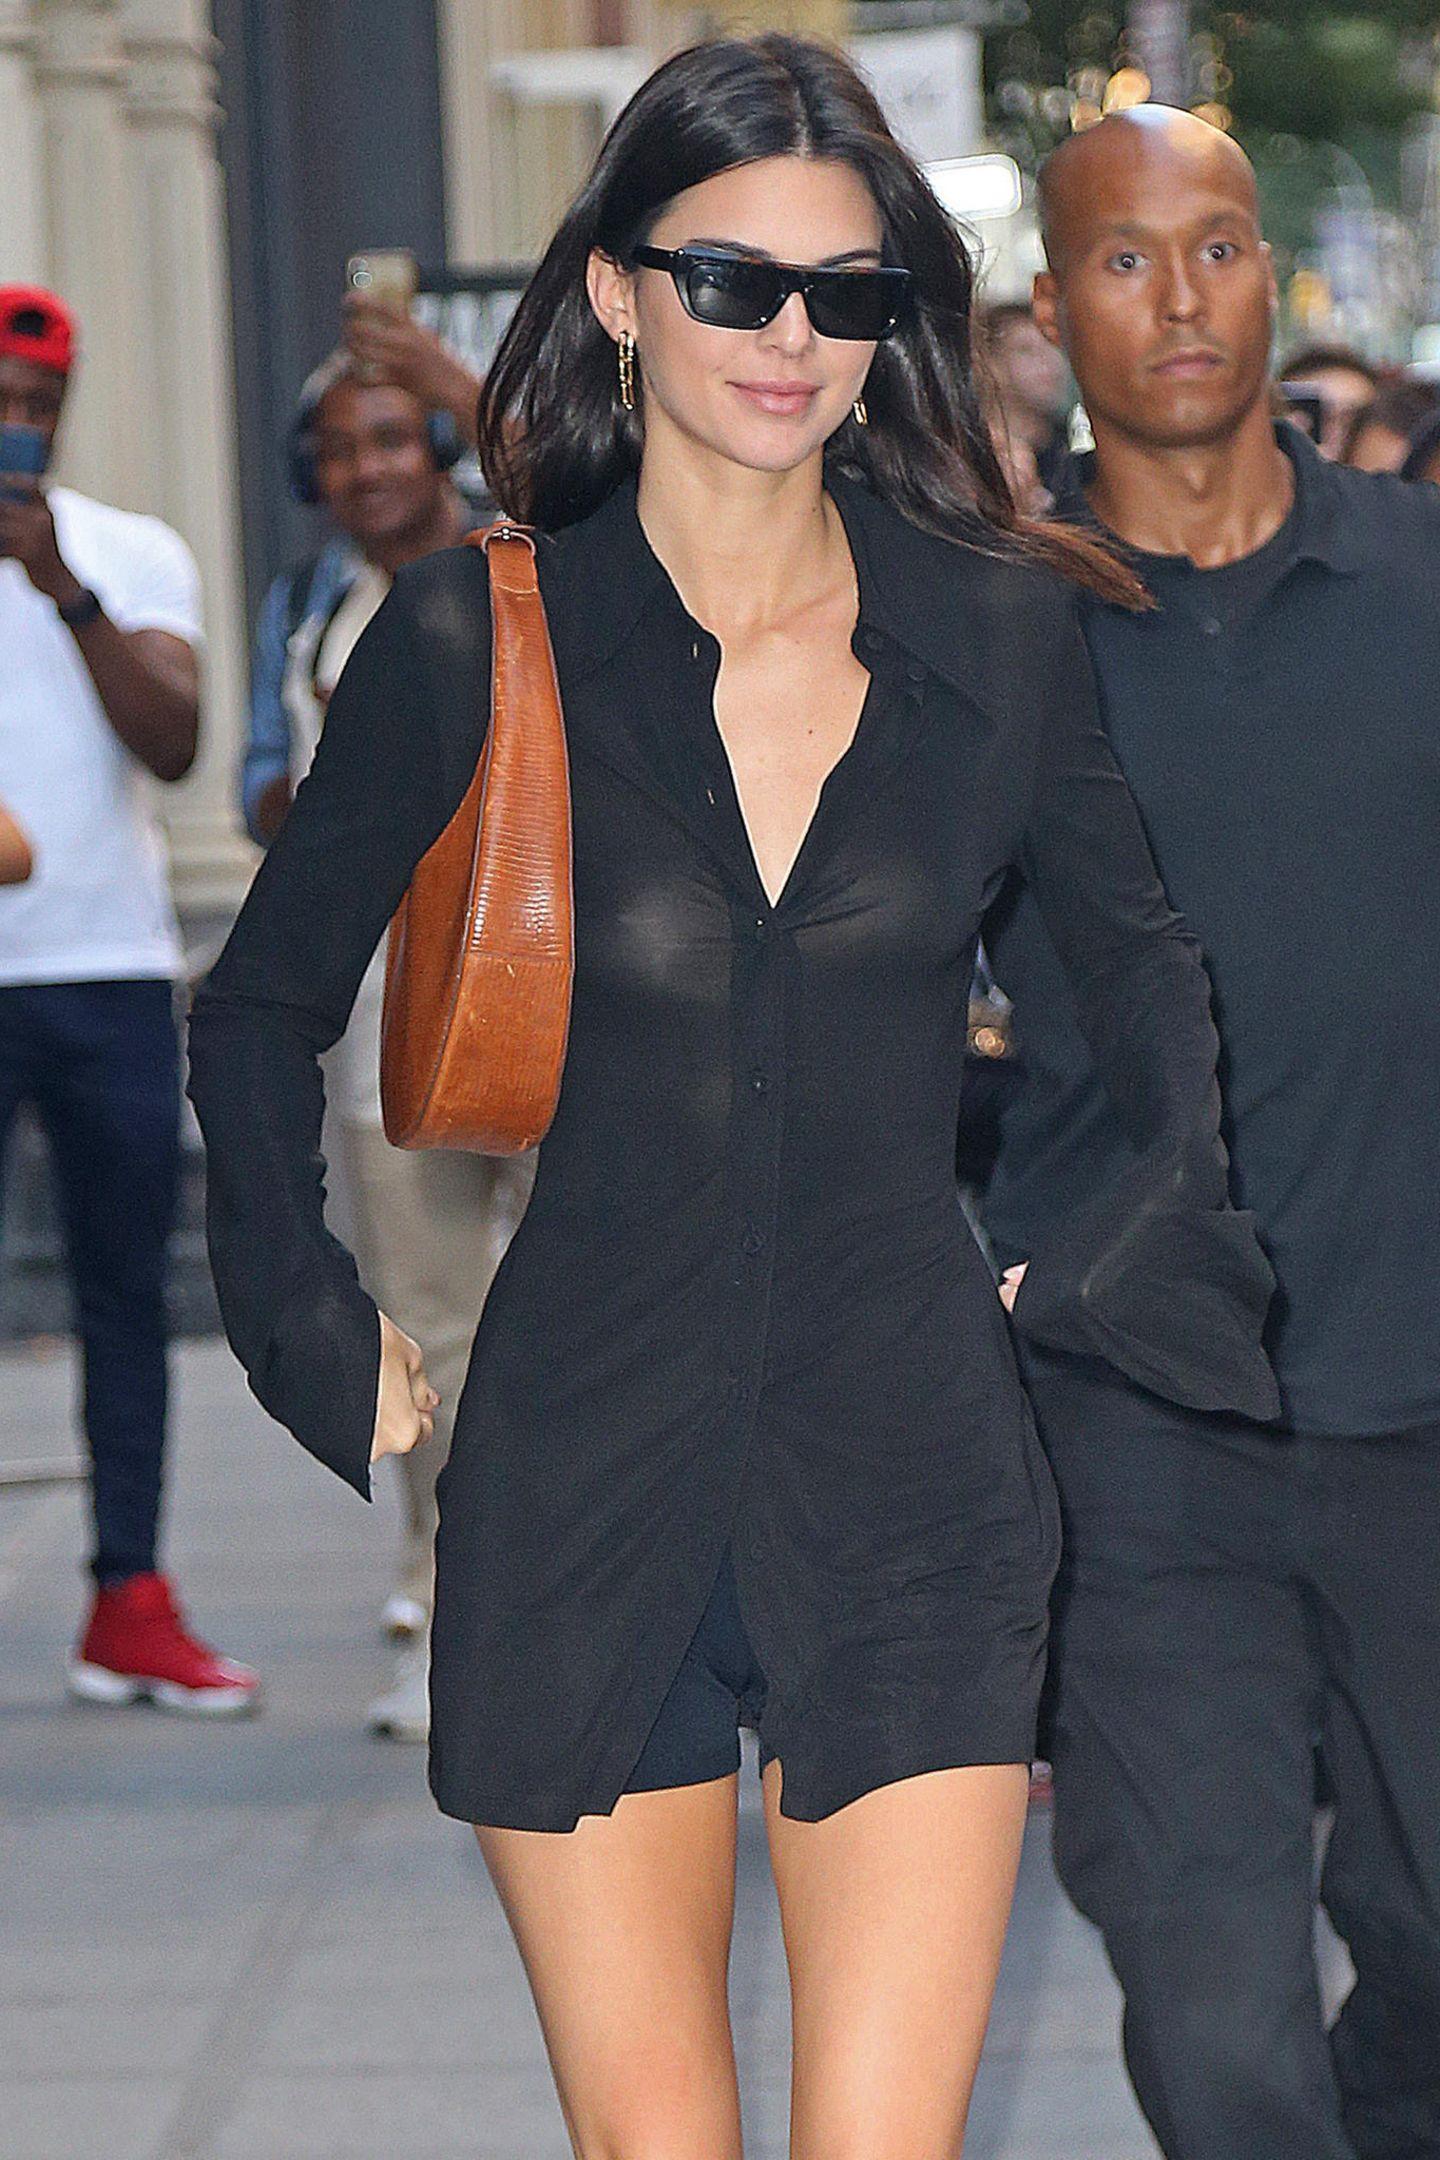 """Der Mond, der treue Begleiter bei Nacht – bei Kendall Jenner sogar den ganzen Tag. Als lässiges It-Piece trägt sie ihre """"Large Moon Bag"""" von Staud um die Schulter. Sie ist aber auch ein wahrer Hingucker, insbesondere zum schwarzen Blusenkleid und High-Boots."""